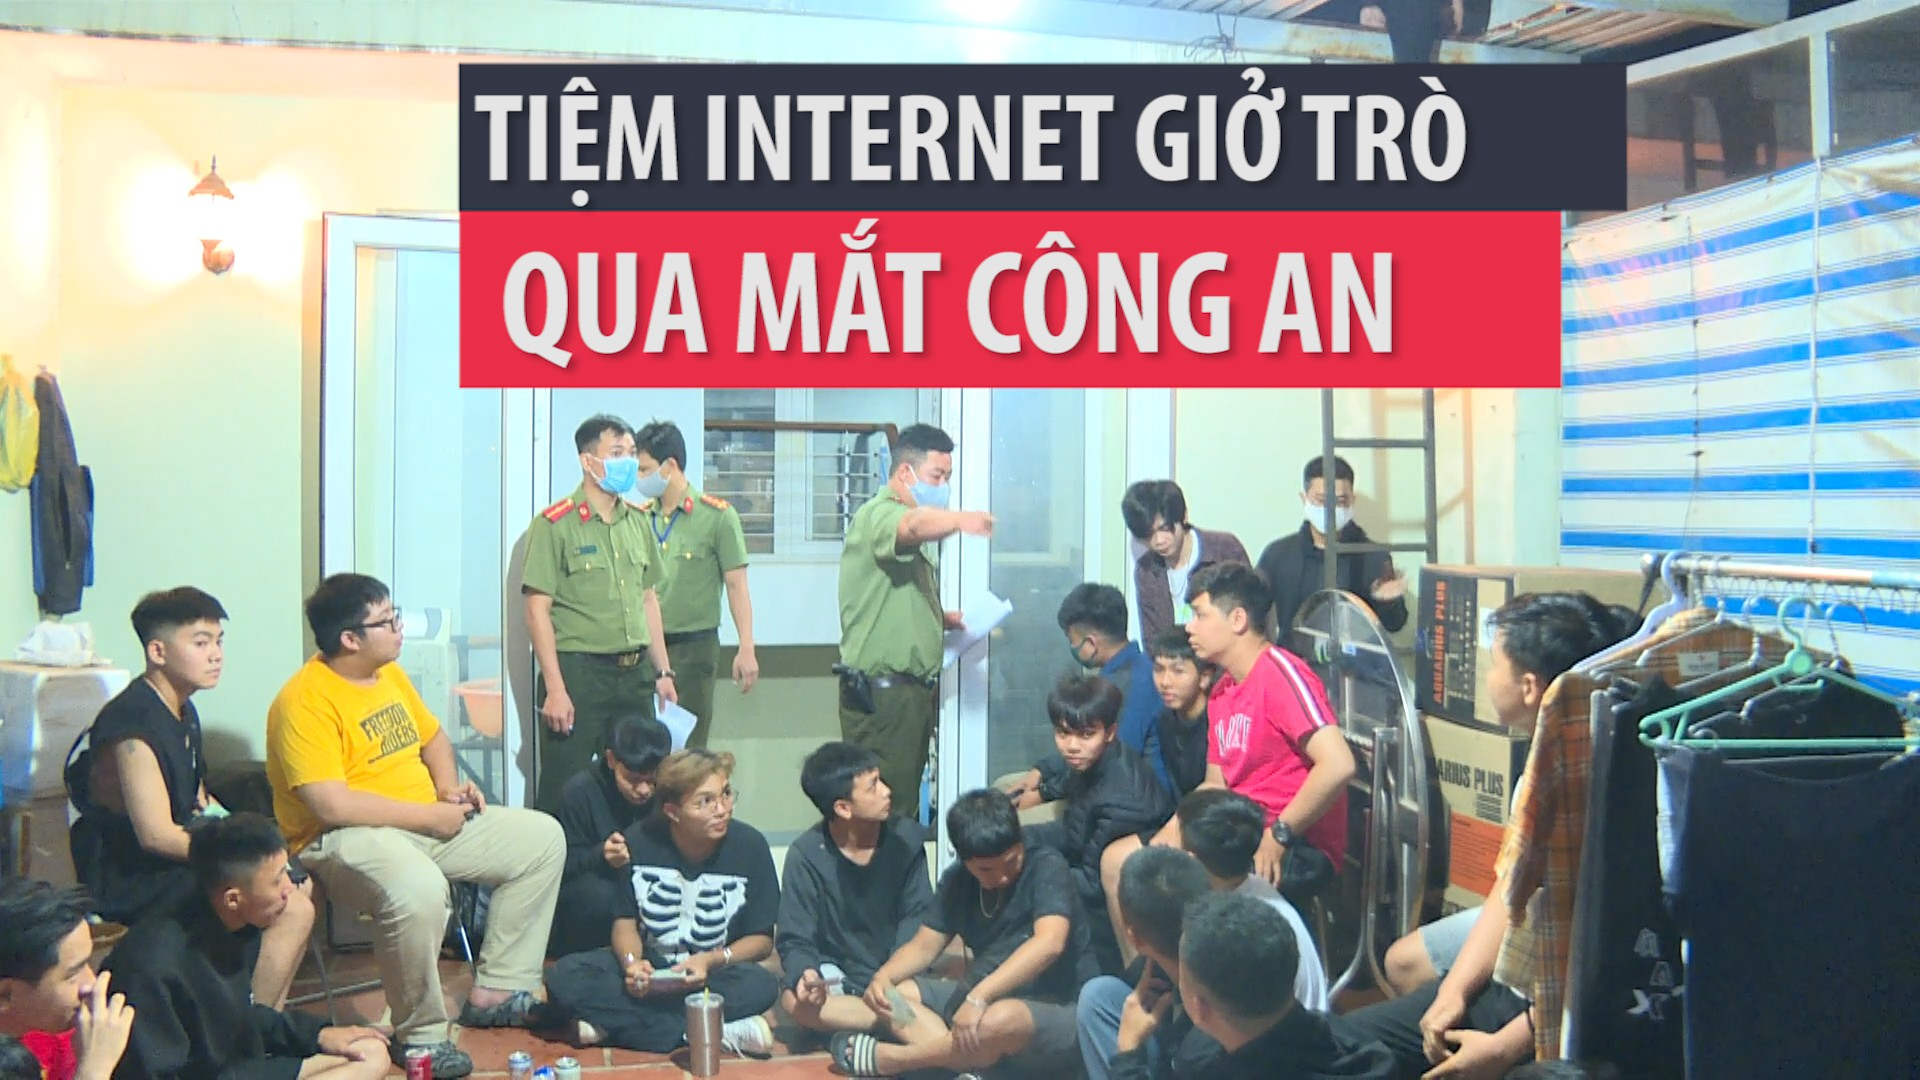 Phát hiện tiệm Internet giở trò khi bị kiểm tra mùa dịch